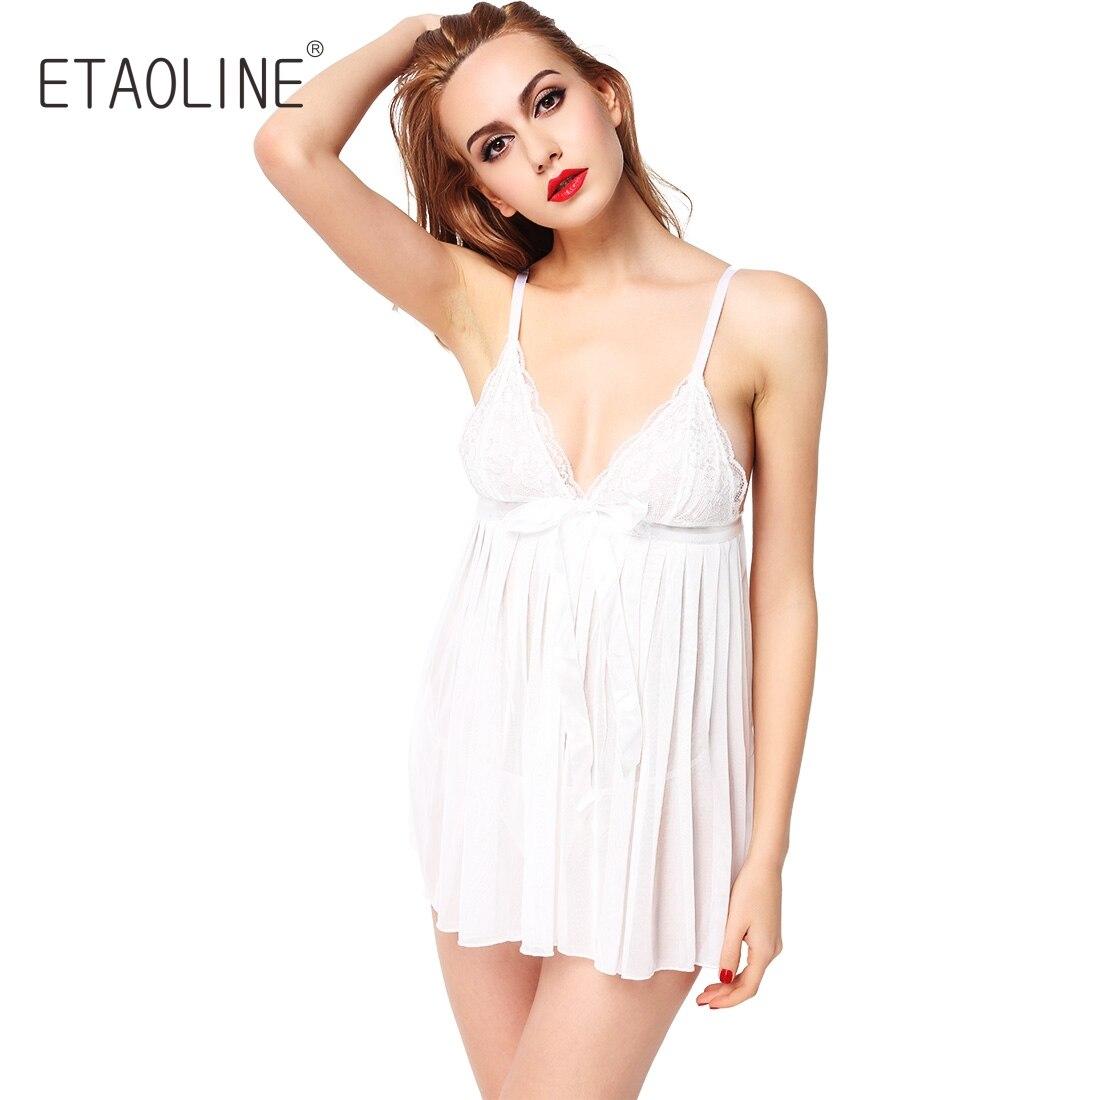 ETAOLINE 2017 New Women Girl Sexy Lingerie Nightwear Underwear Nightgrown Sleepwear Lace BabyDoll Dress R04